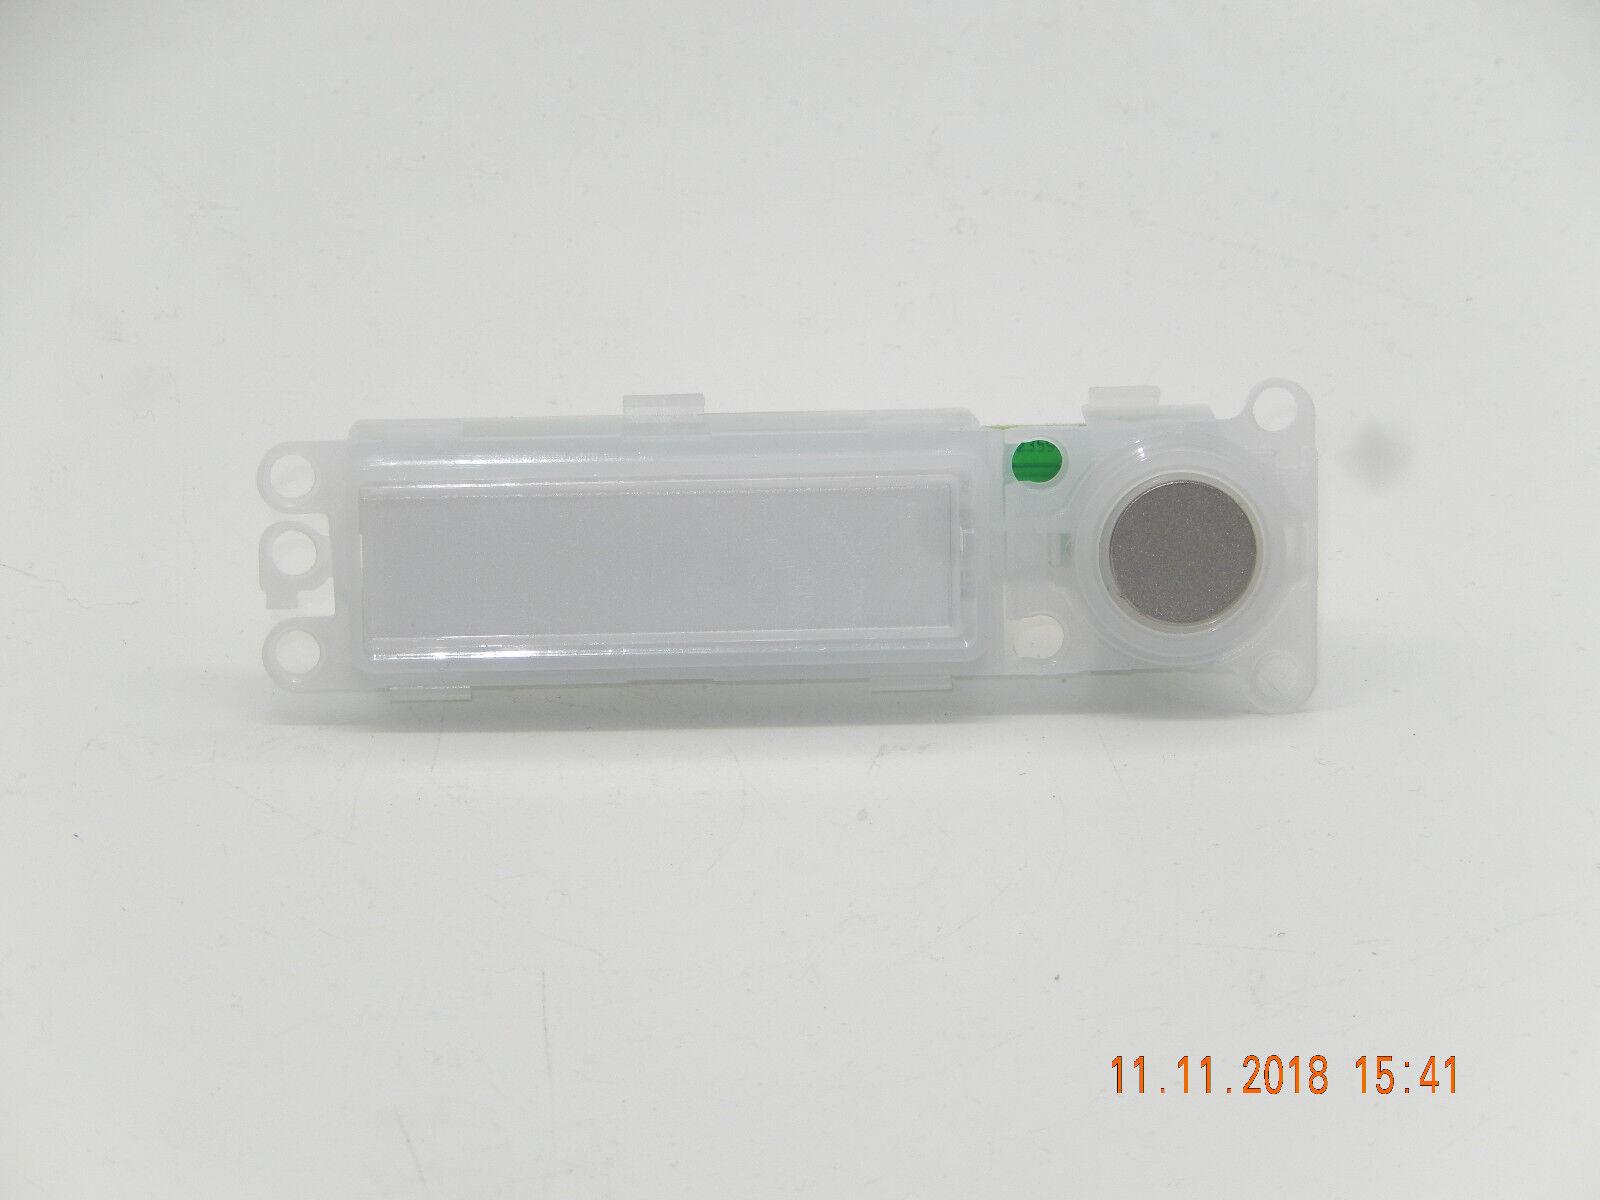 RITTO Klingeltaster LP 400234919,HV 05 oder HV 06 für Türstation Acero,ErsatzNEU